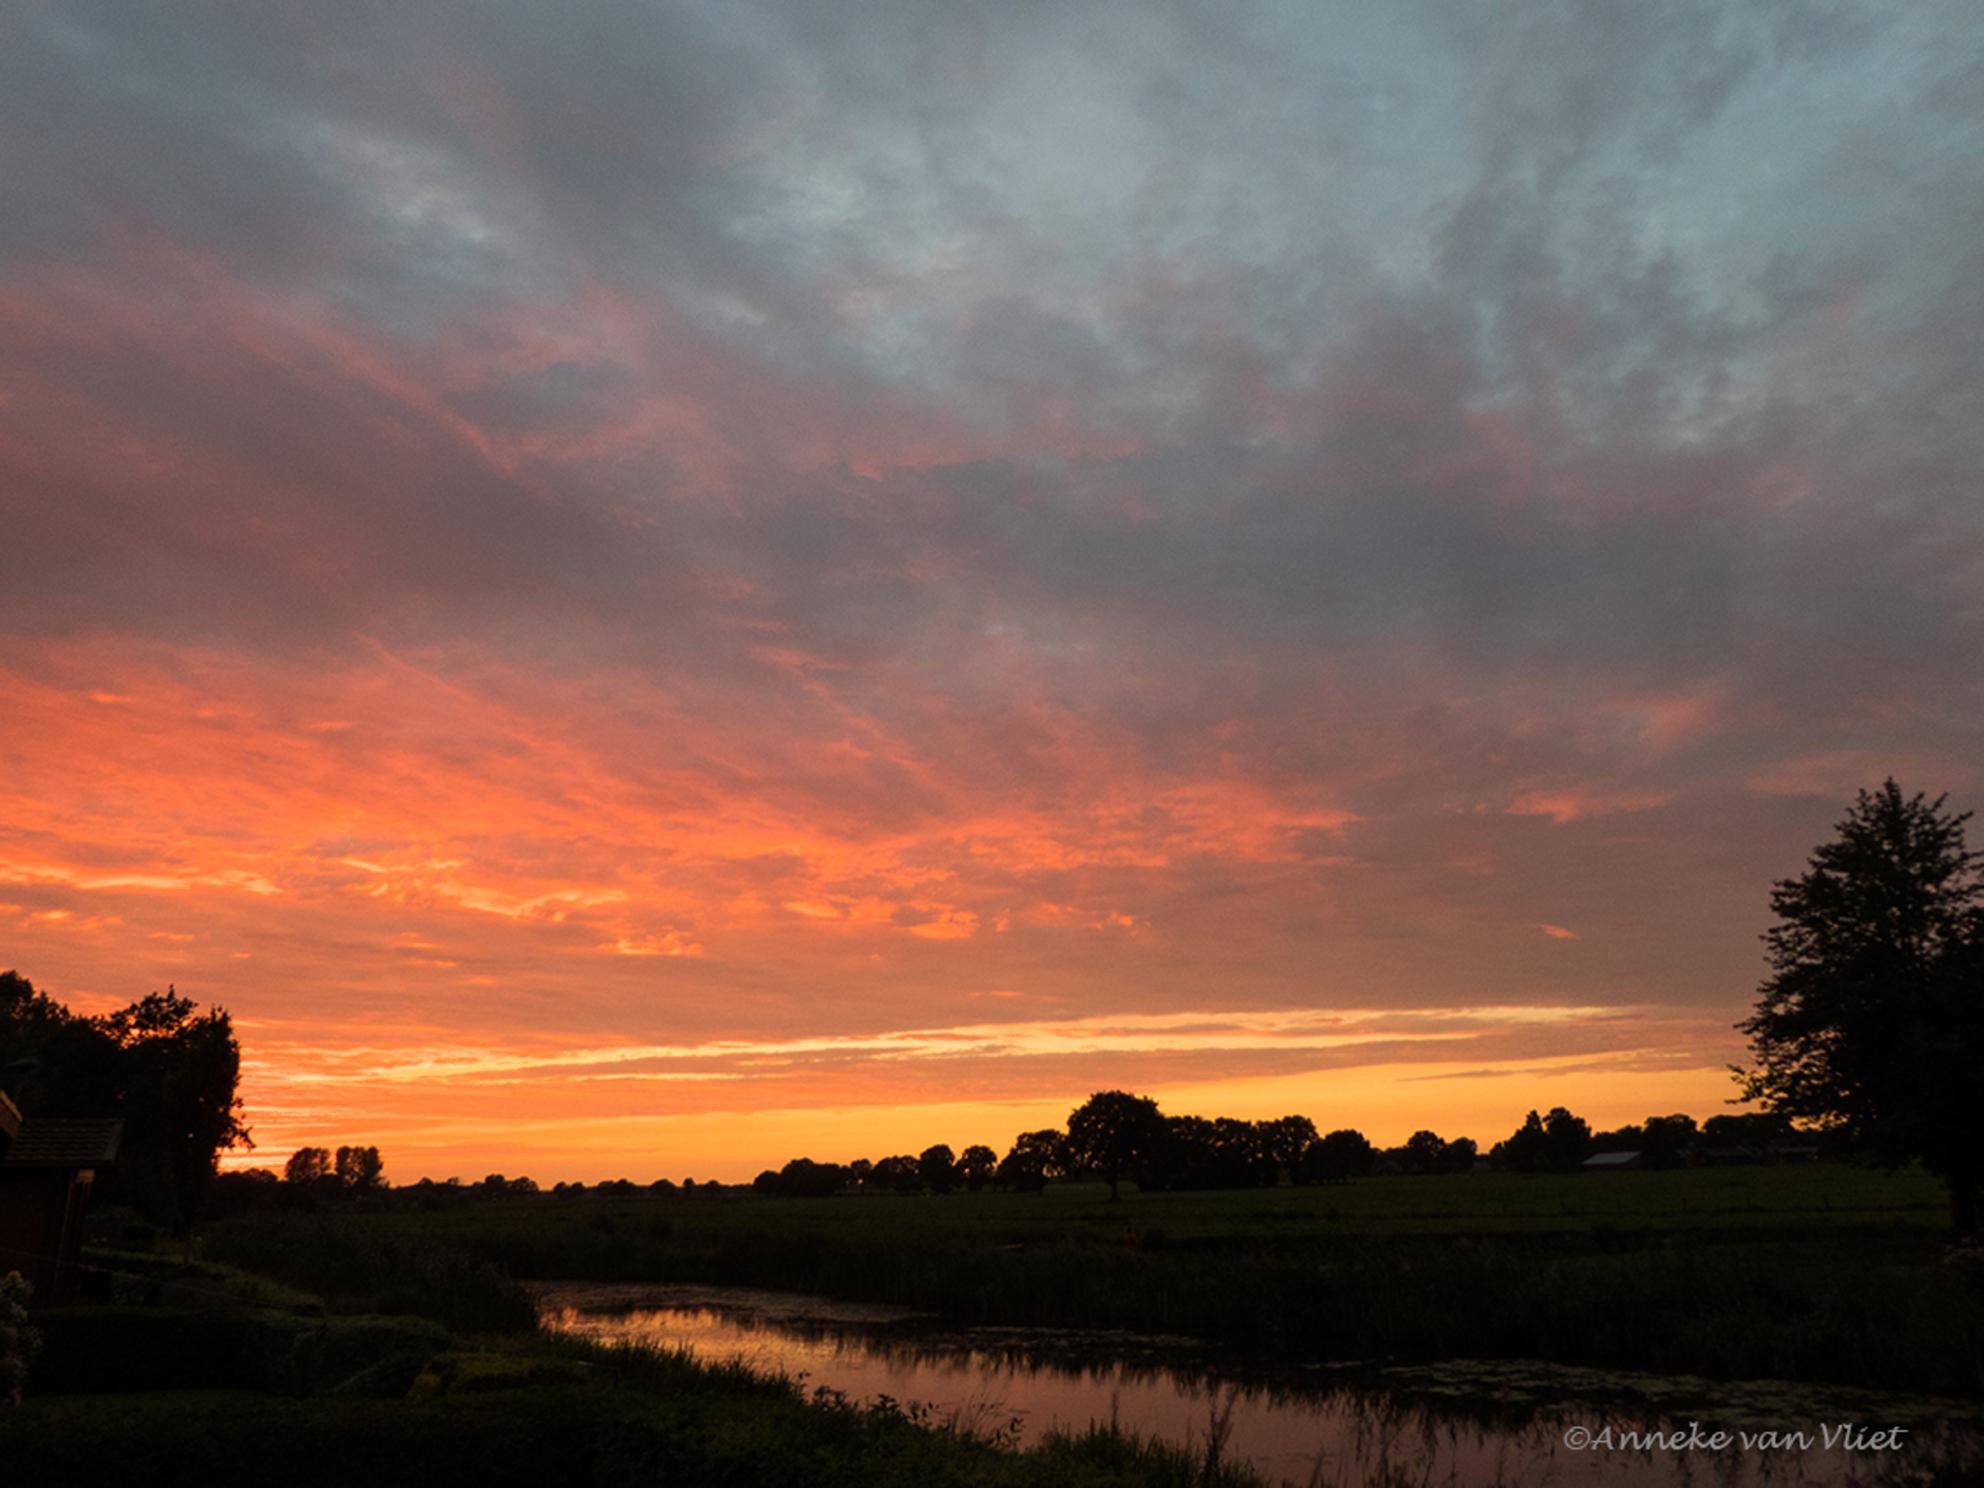 Zonsondergang - Gisteravond een prachtige zonsondergang bij ons huisje. - foto door AnnekevanVliet op 11-08-2017